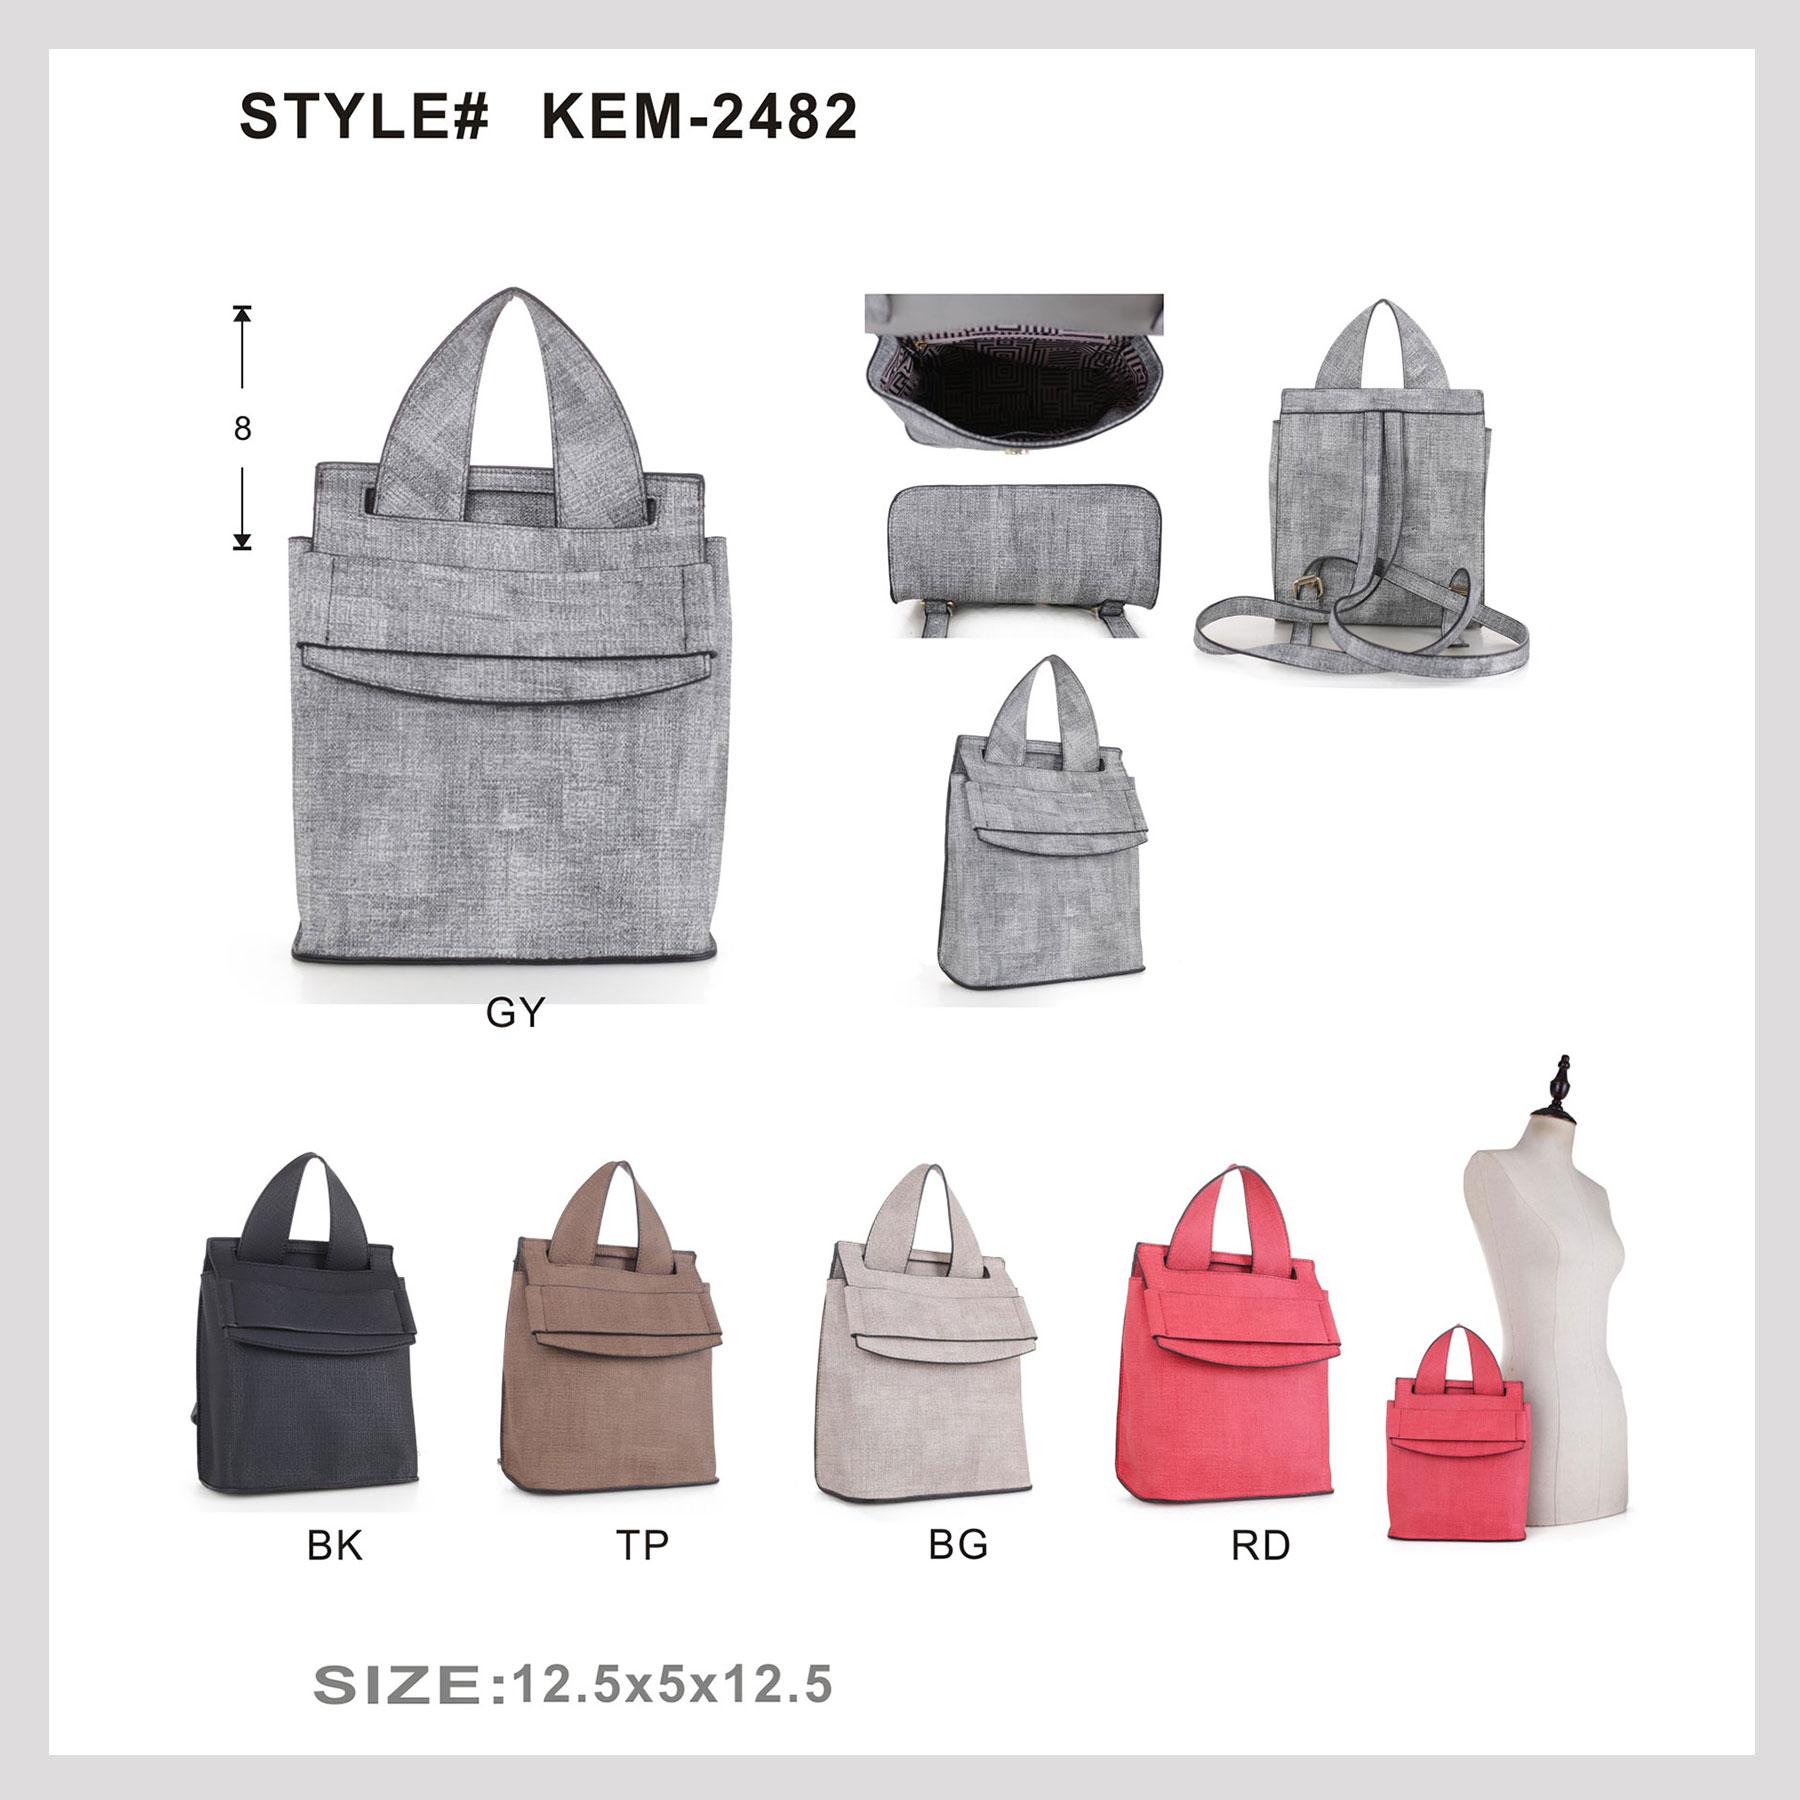 KEM-2482.jpg